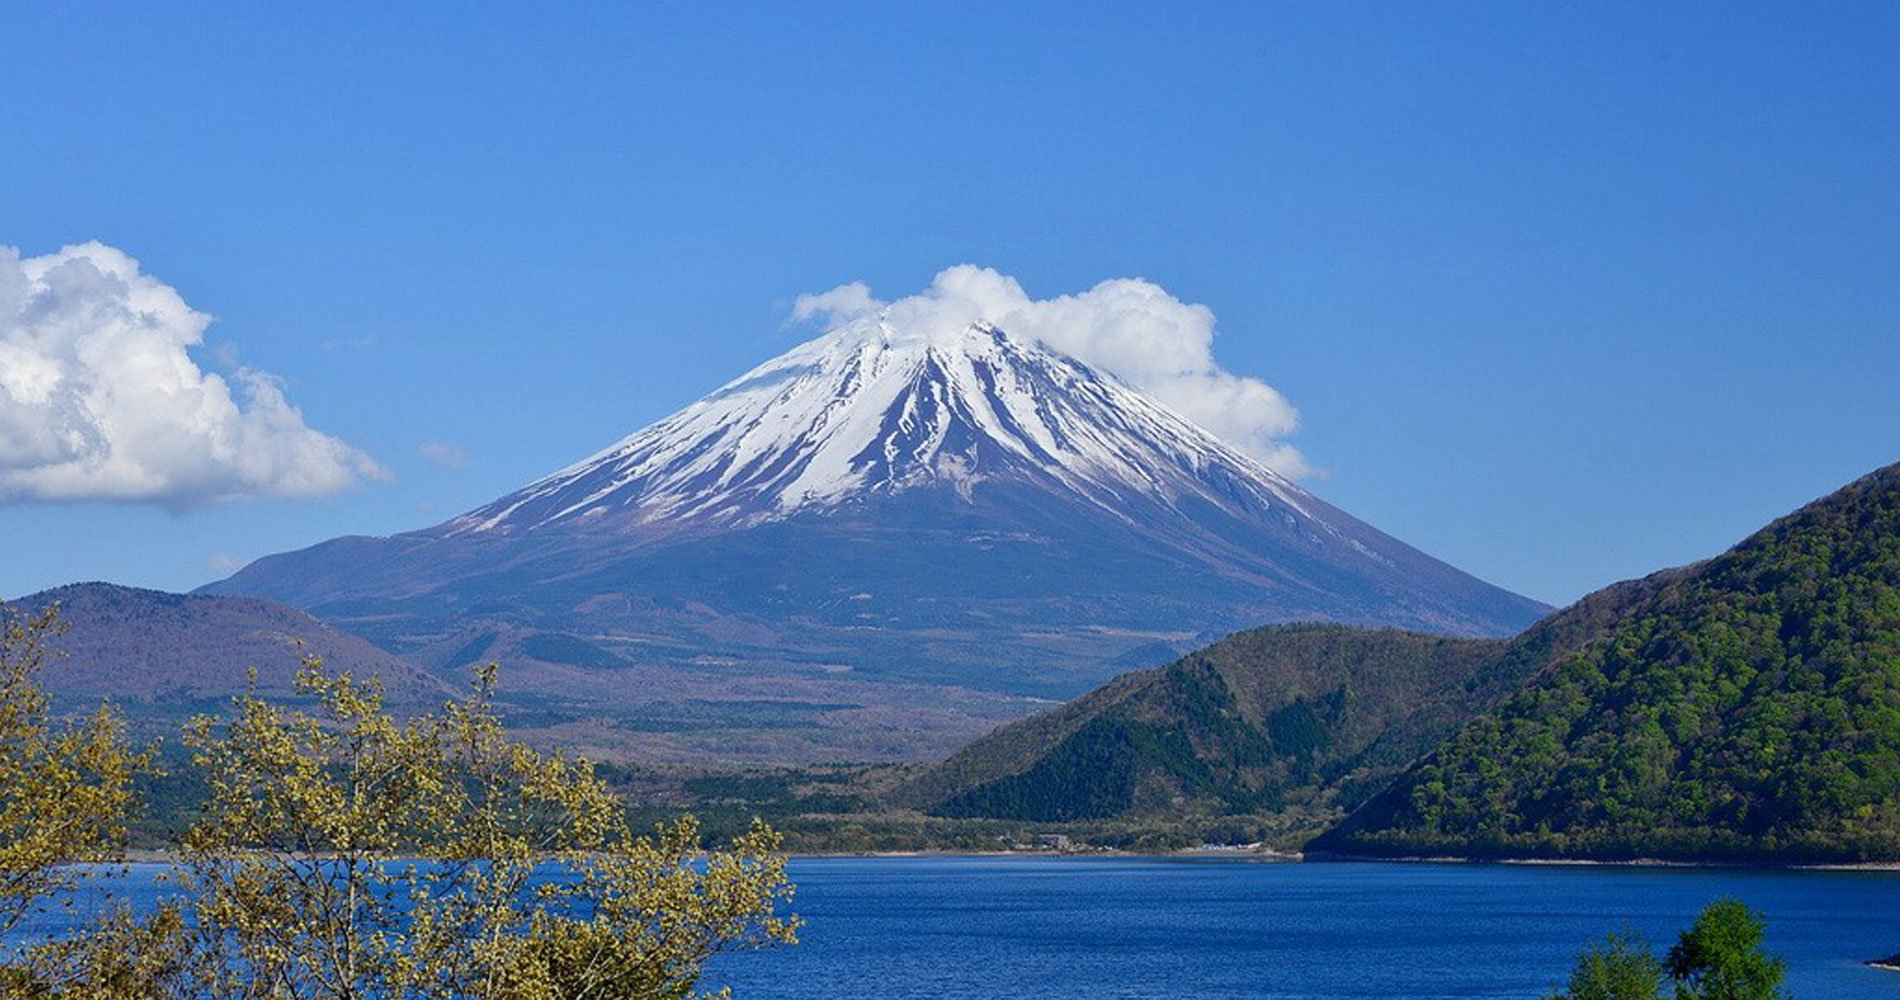 Du lịch Nhật Bản 2019: Haneda – Yamanashi – Tokyo 4N4Đ bay Japan Airlines KH từ HCM